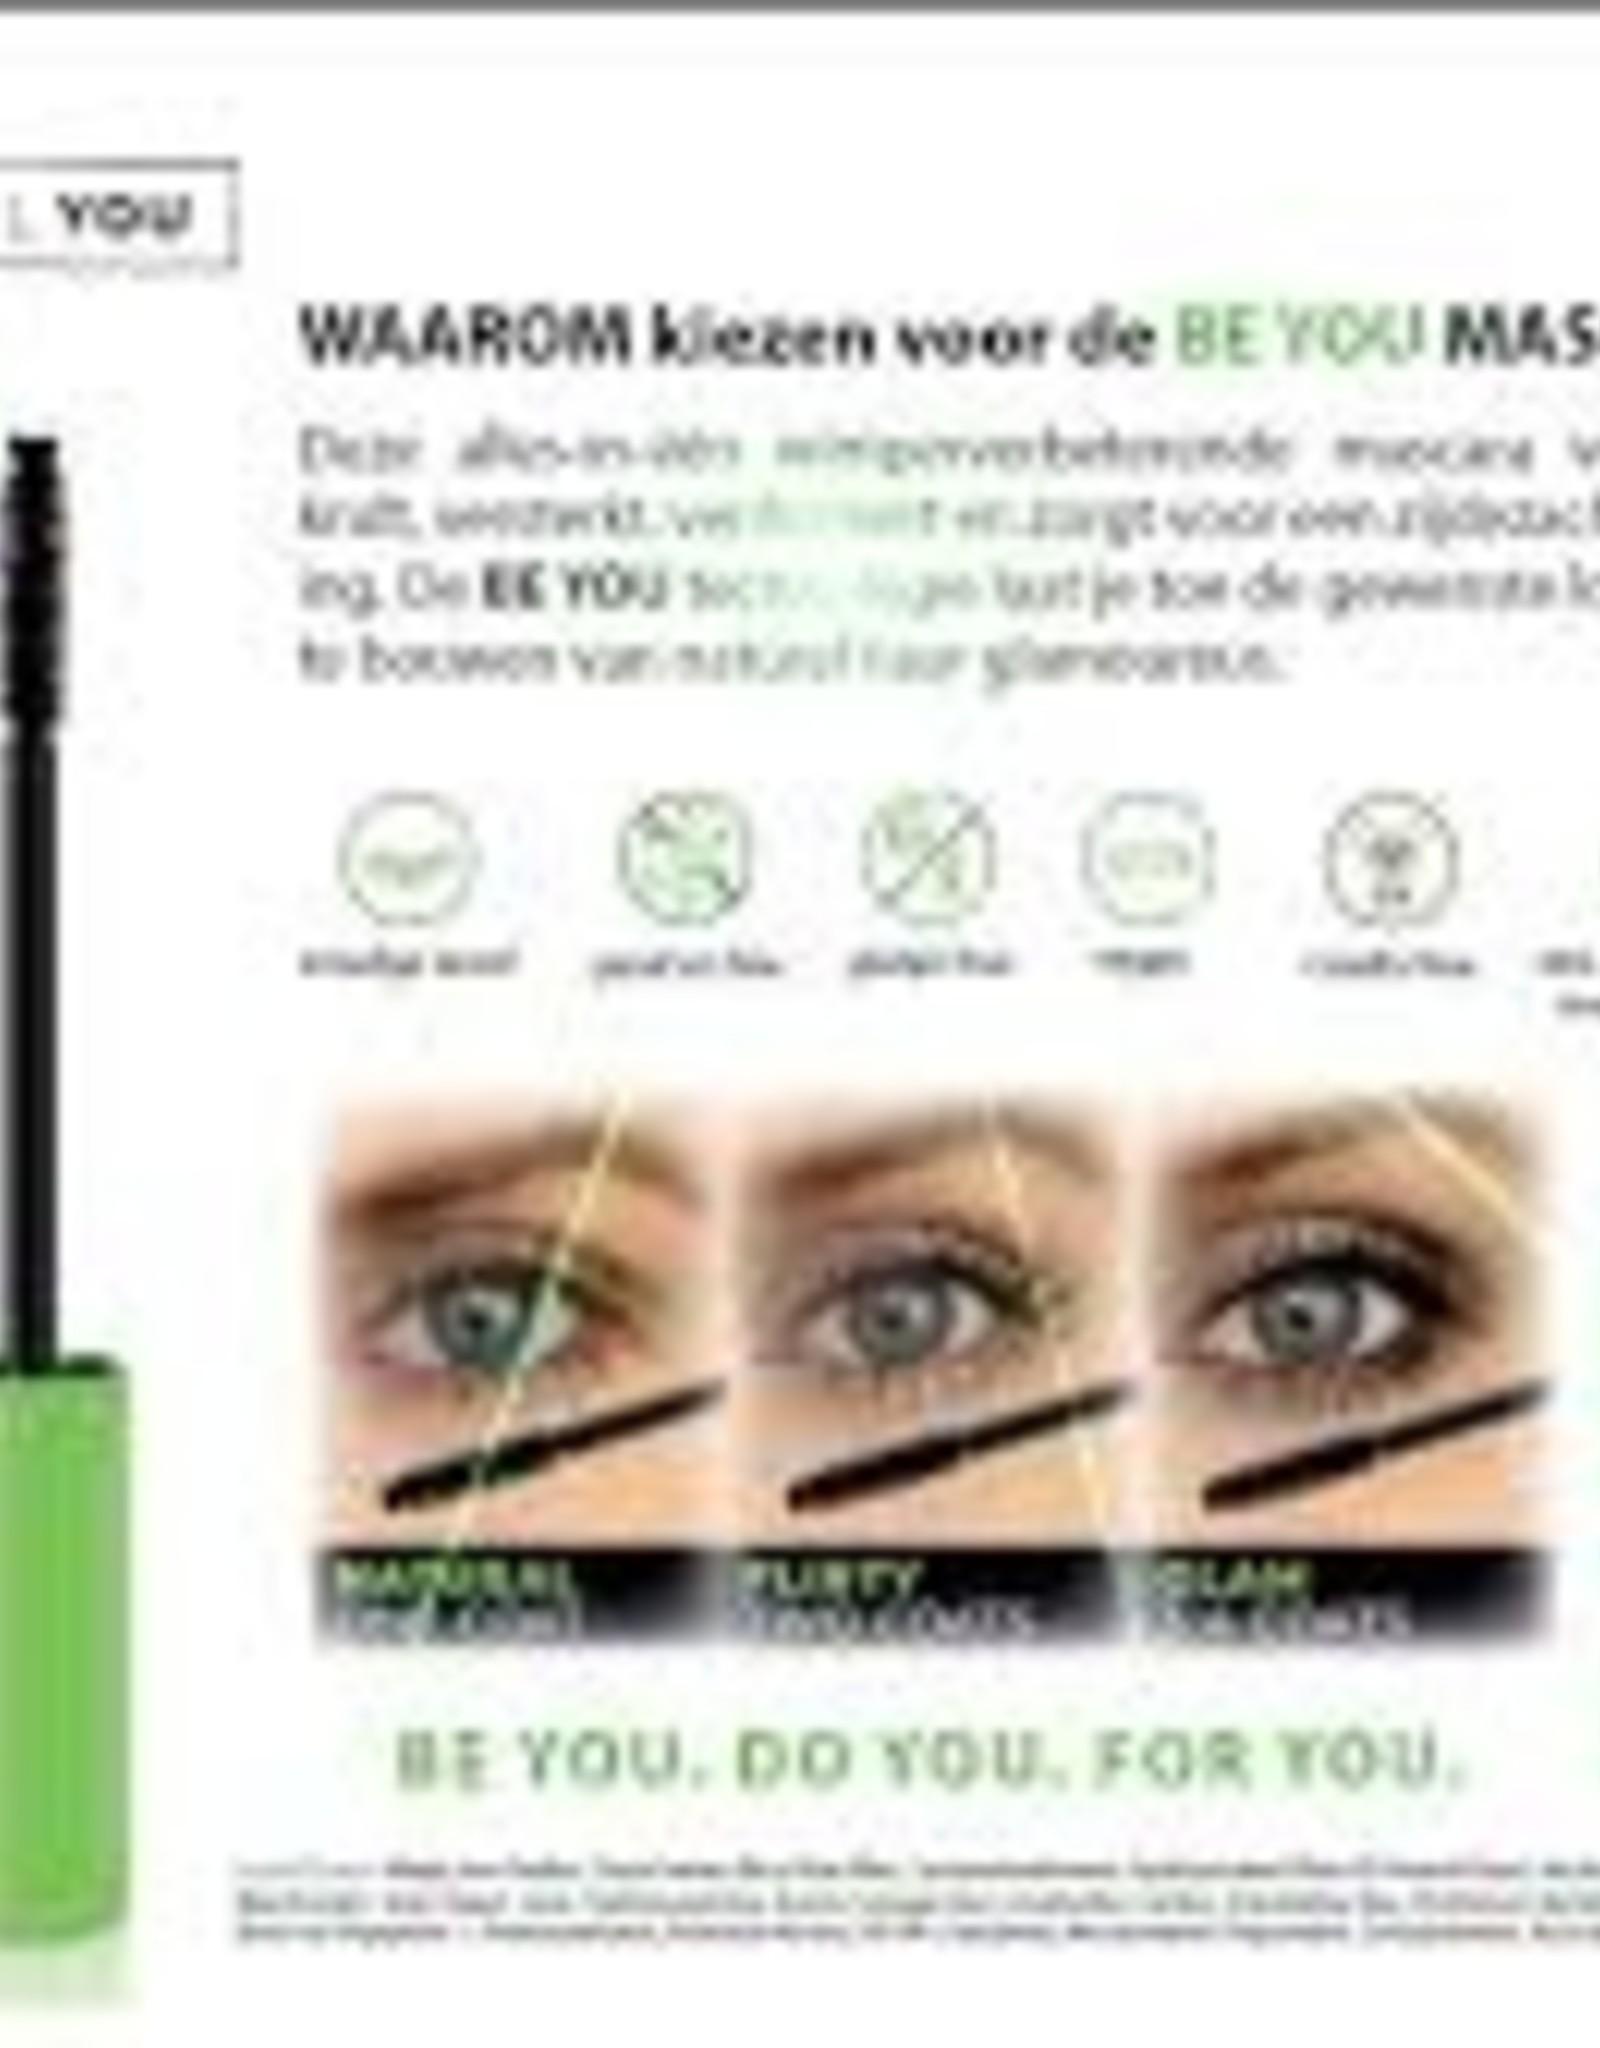 Be You Be You Mascara